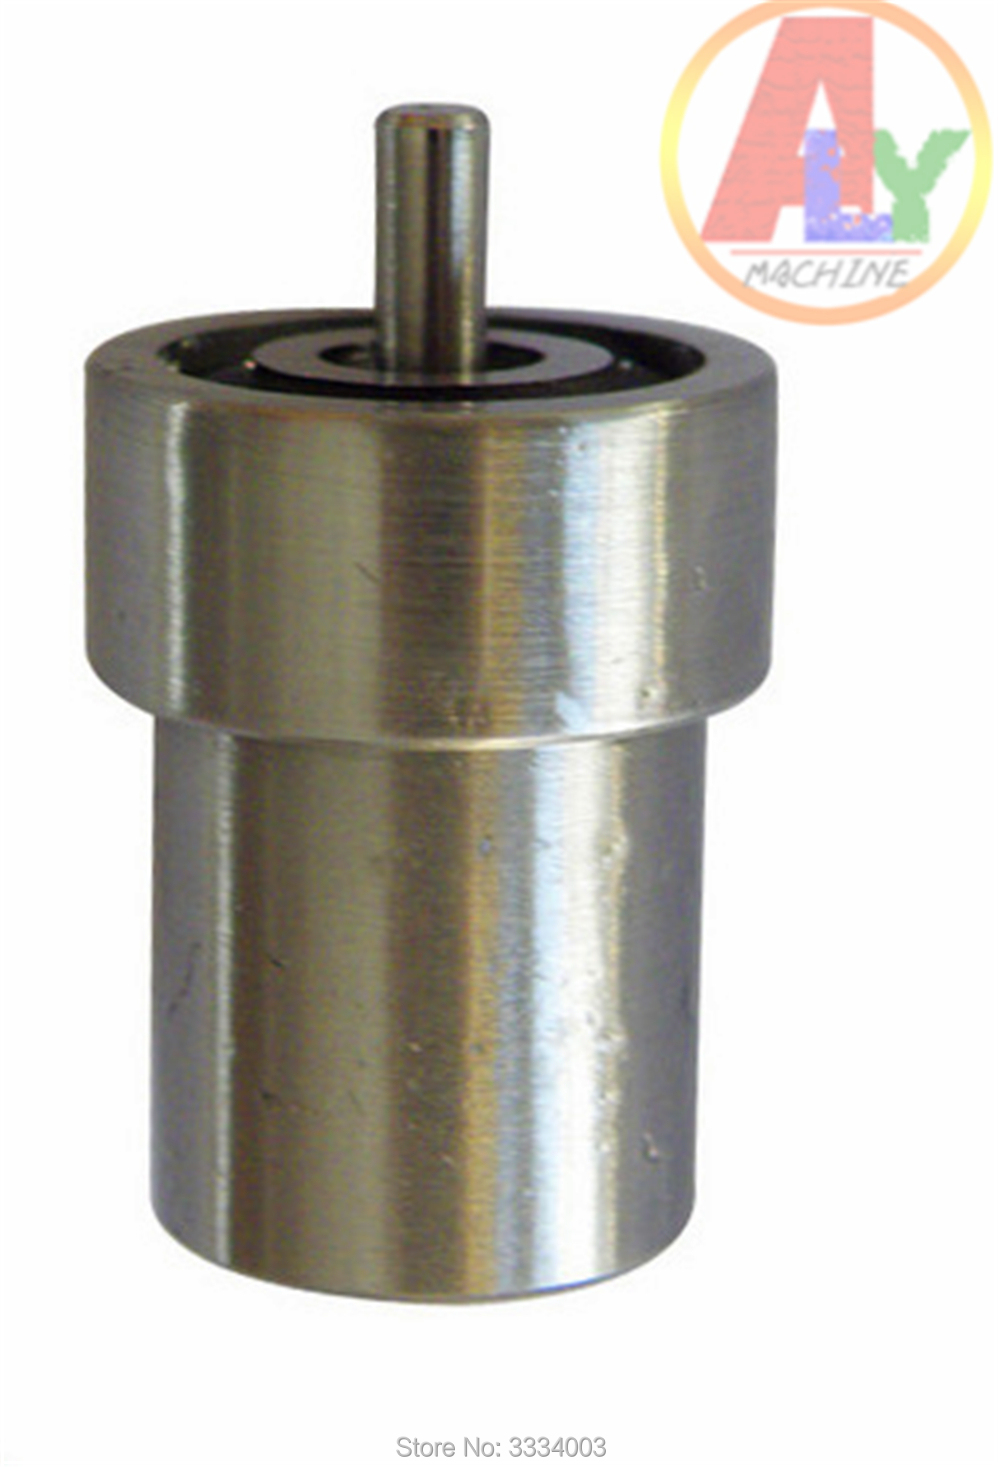 Diesel Injector Nozzle Dn0sdn187, Vulpistool Dnosdn187 Voor Dieselmotor Volume Groot